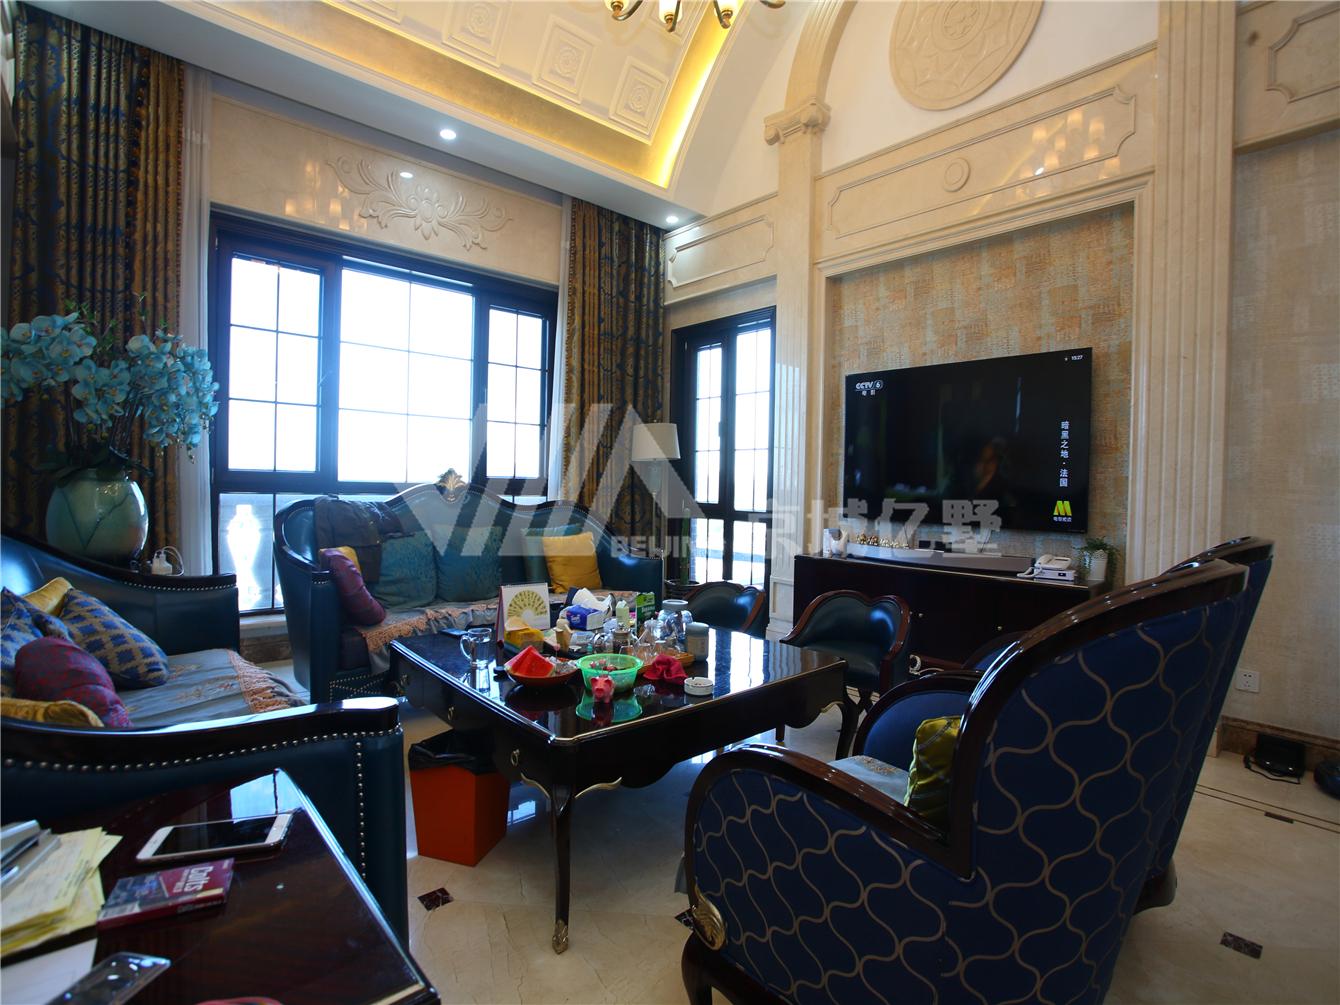 北京别墅二手优势别墅v别墅(京城亿墅)中式别墅的别墅图片